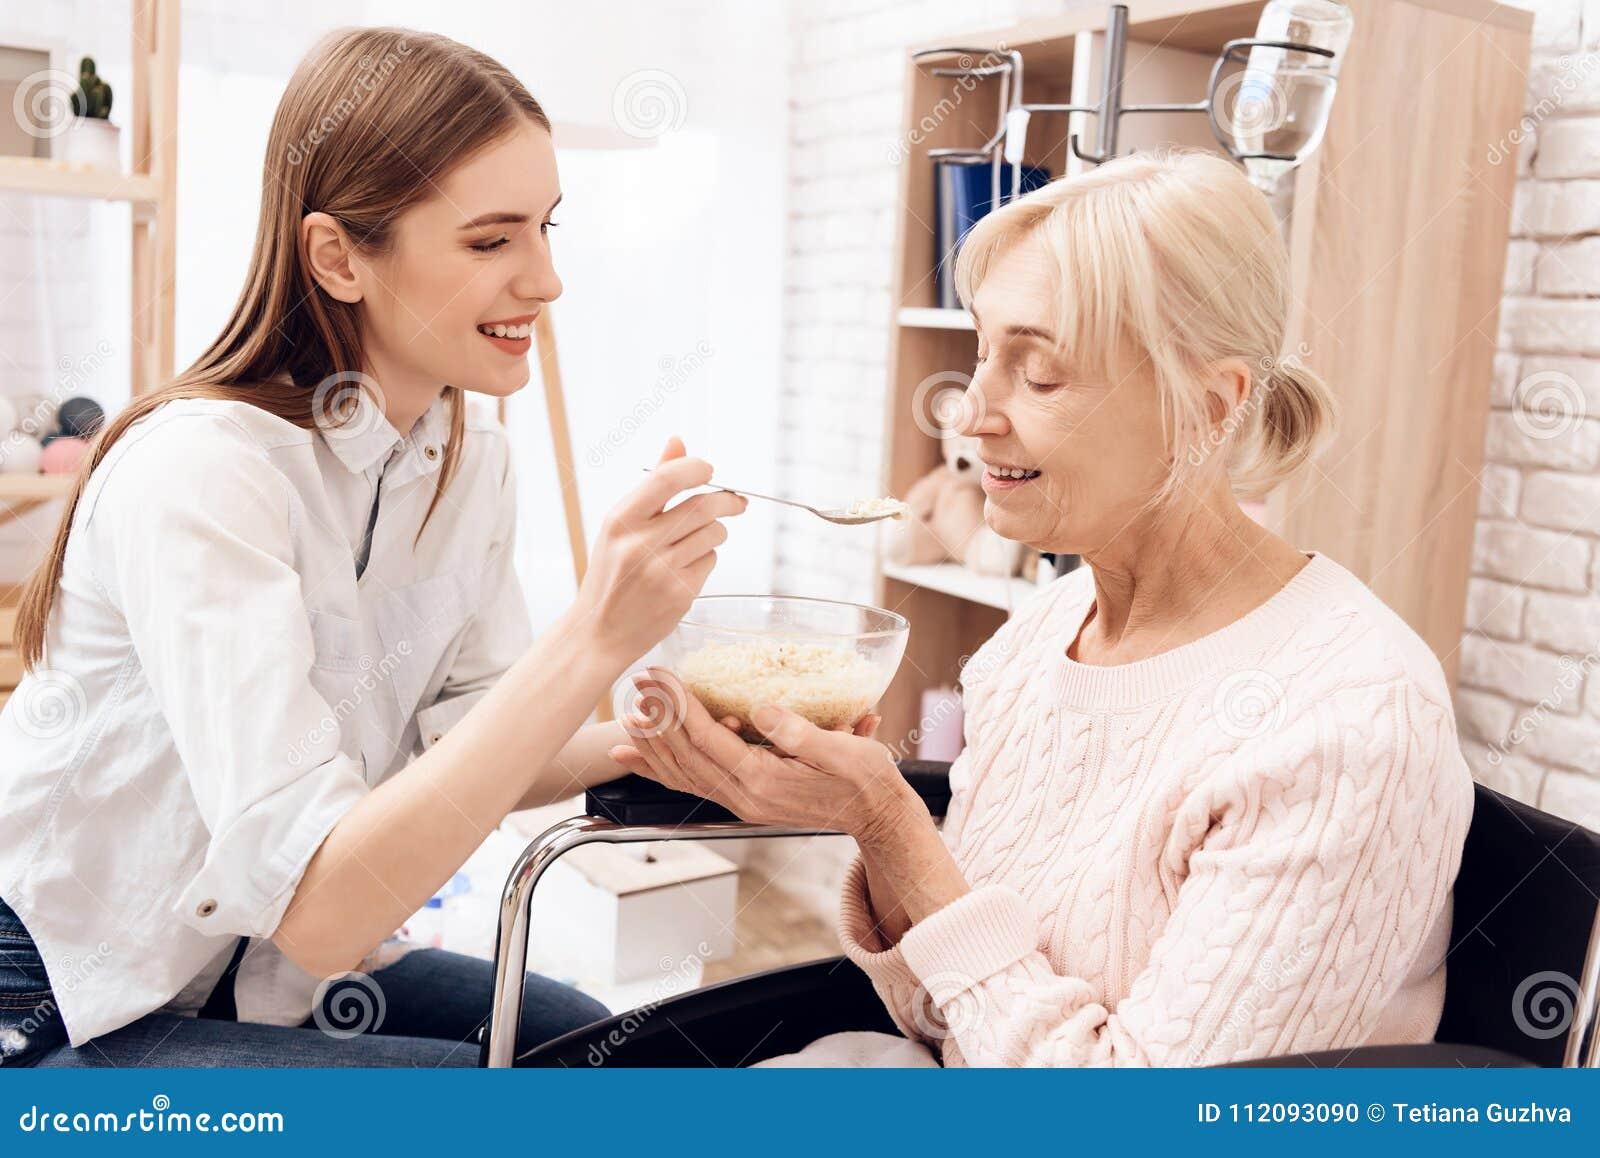 La fille soigne la femme agée à la maison La fille aide la femme avec le dîner